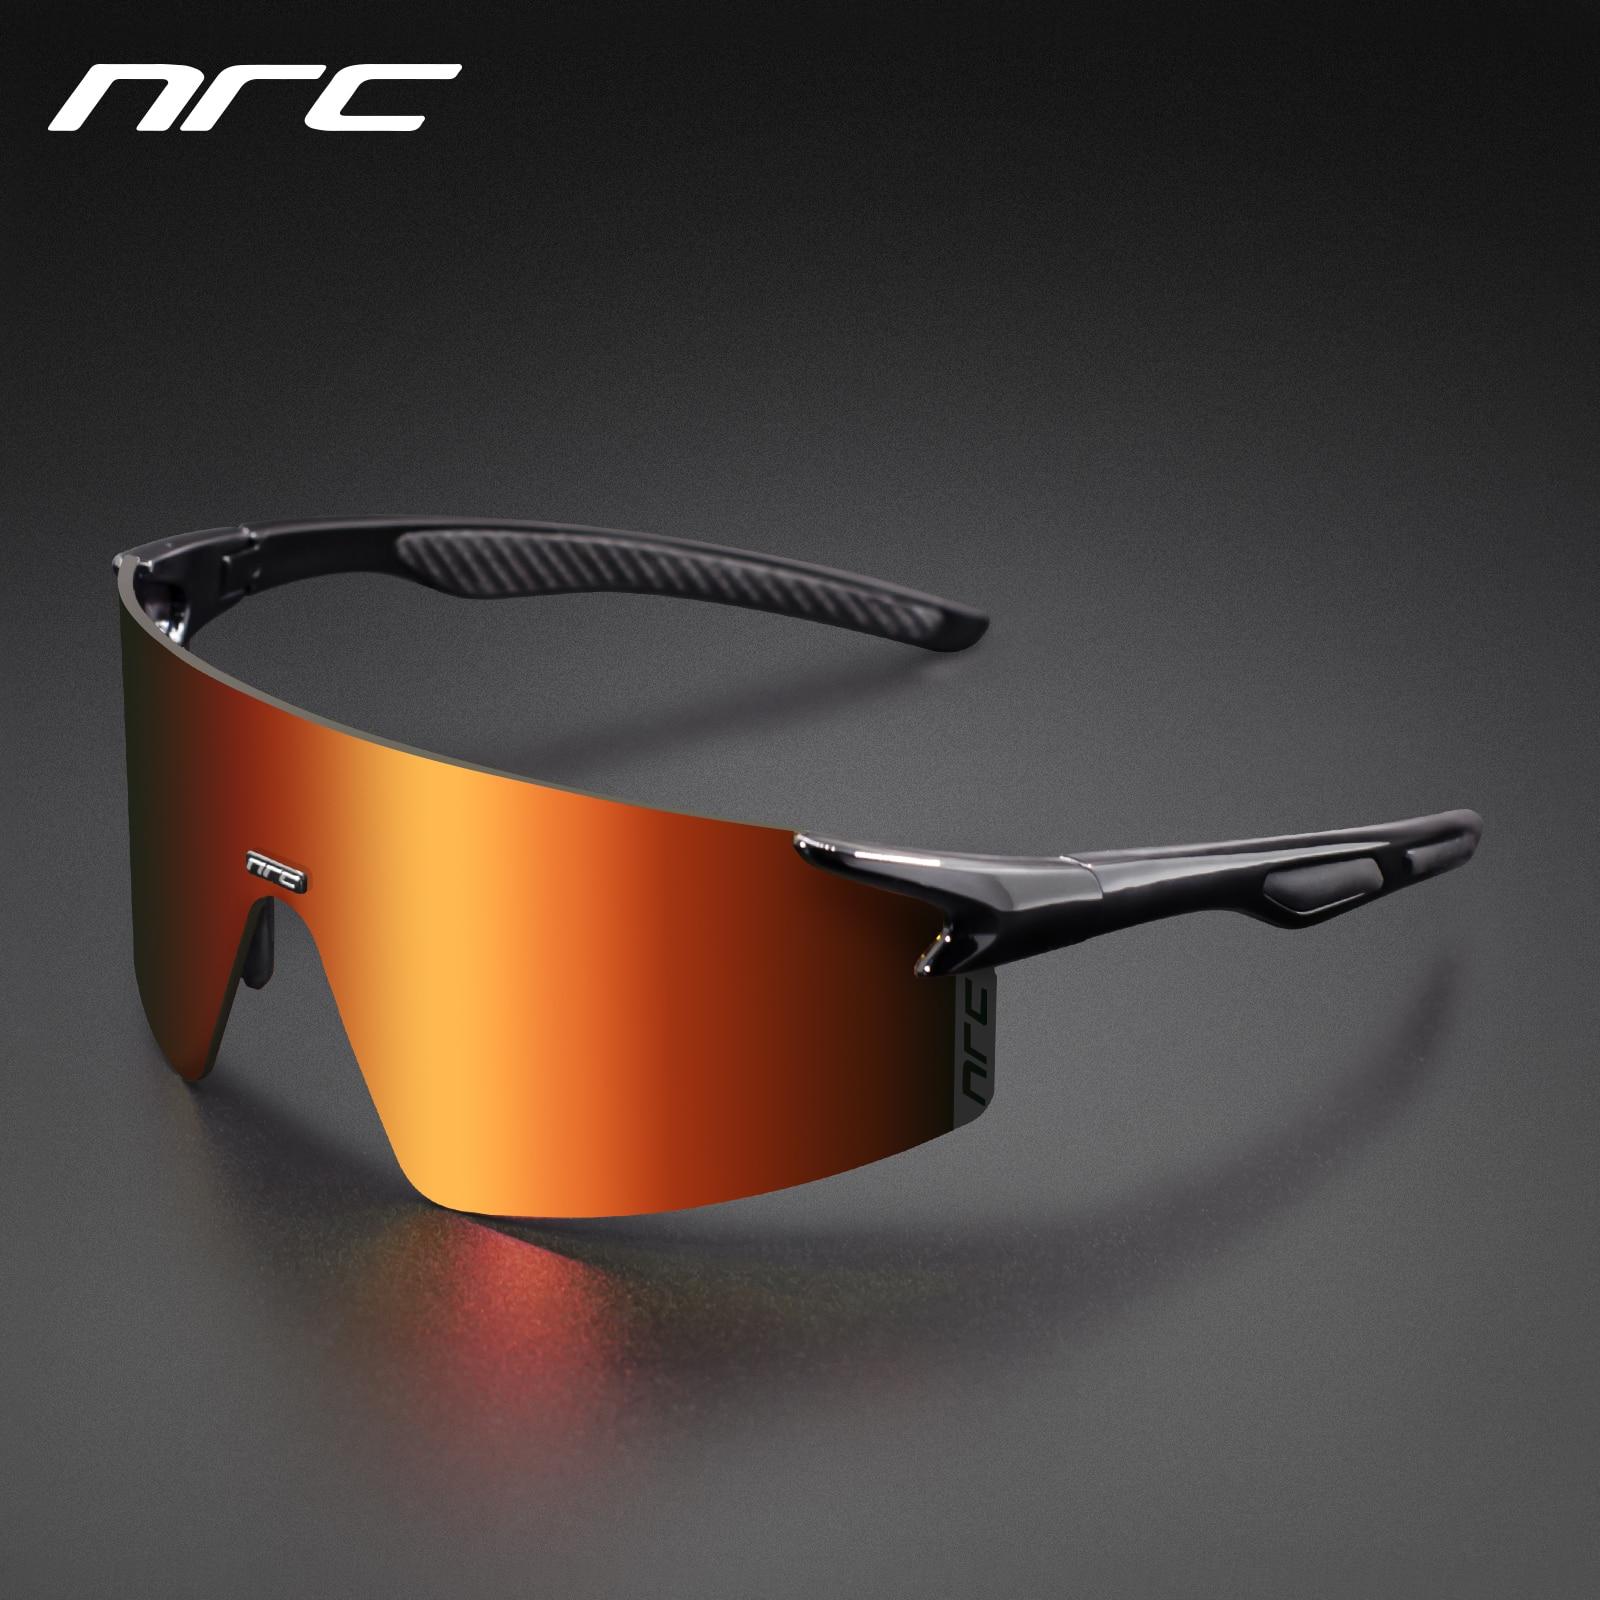 Gafas NRC